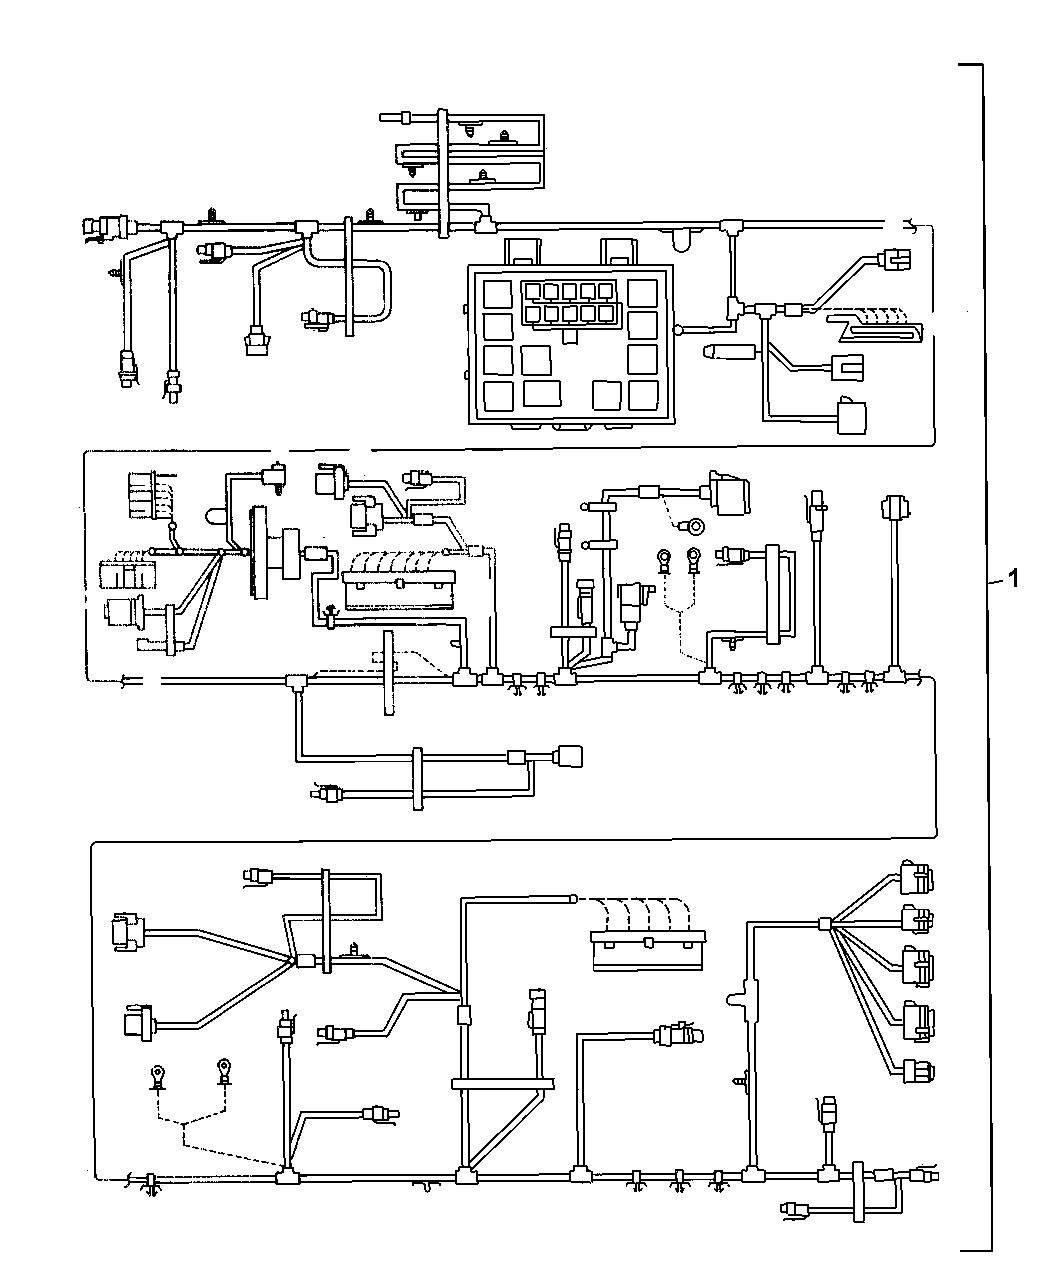 Wiring Diagram For Chrysler 300m